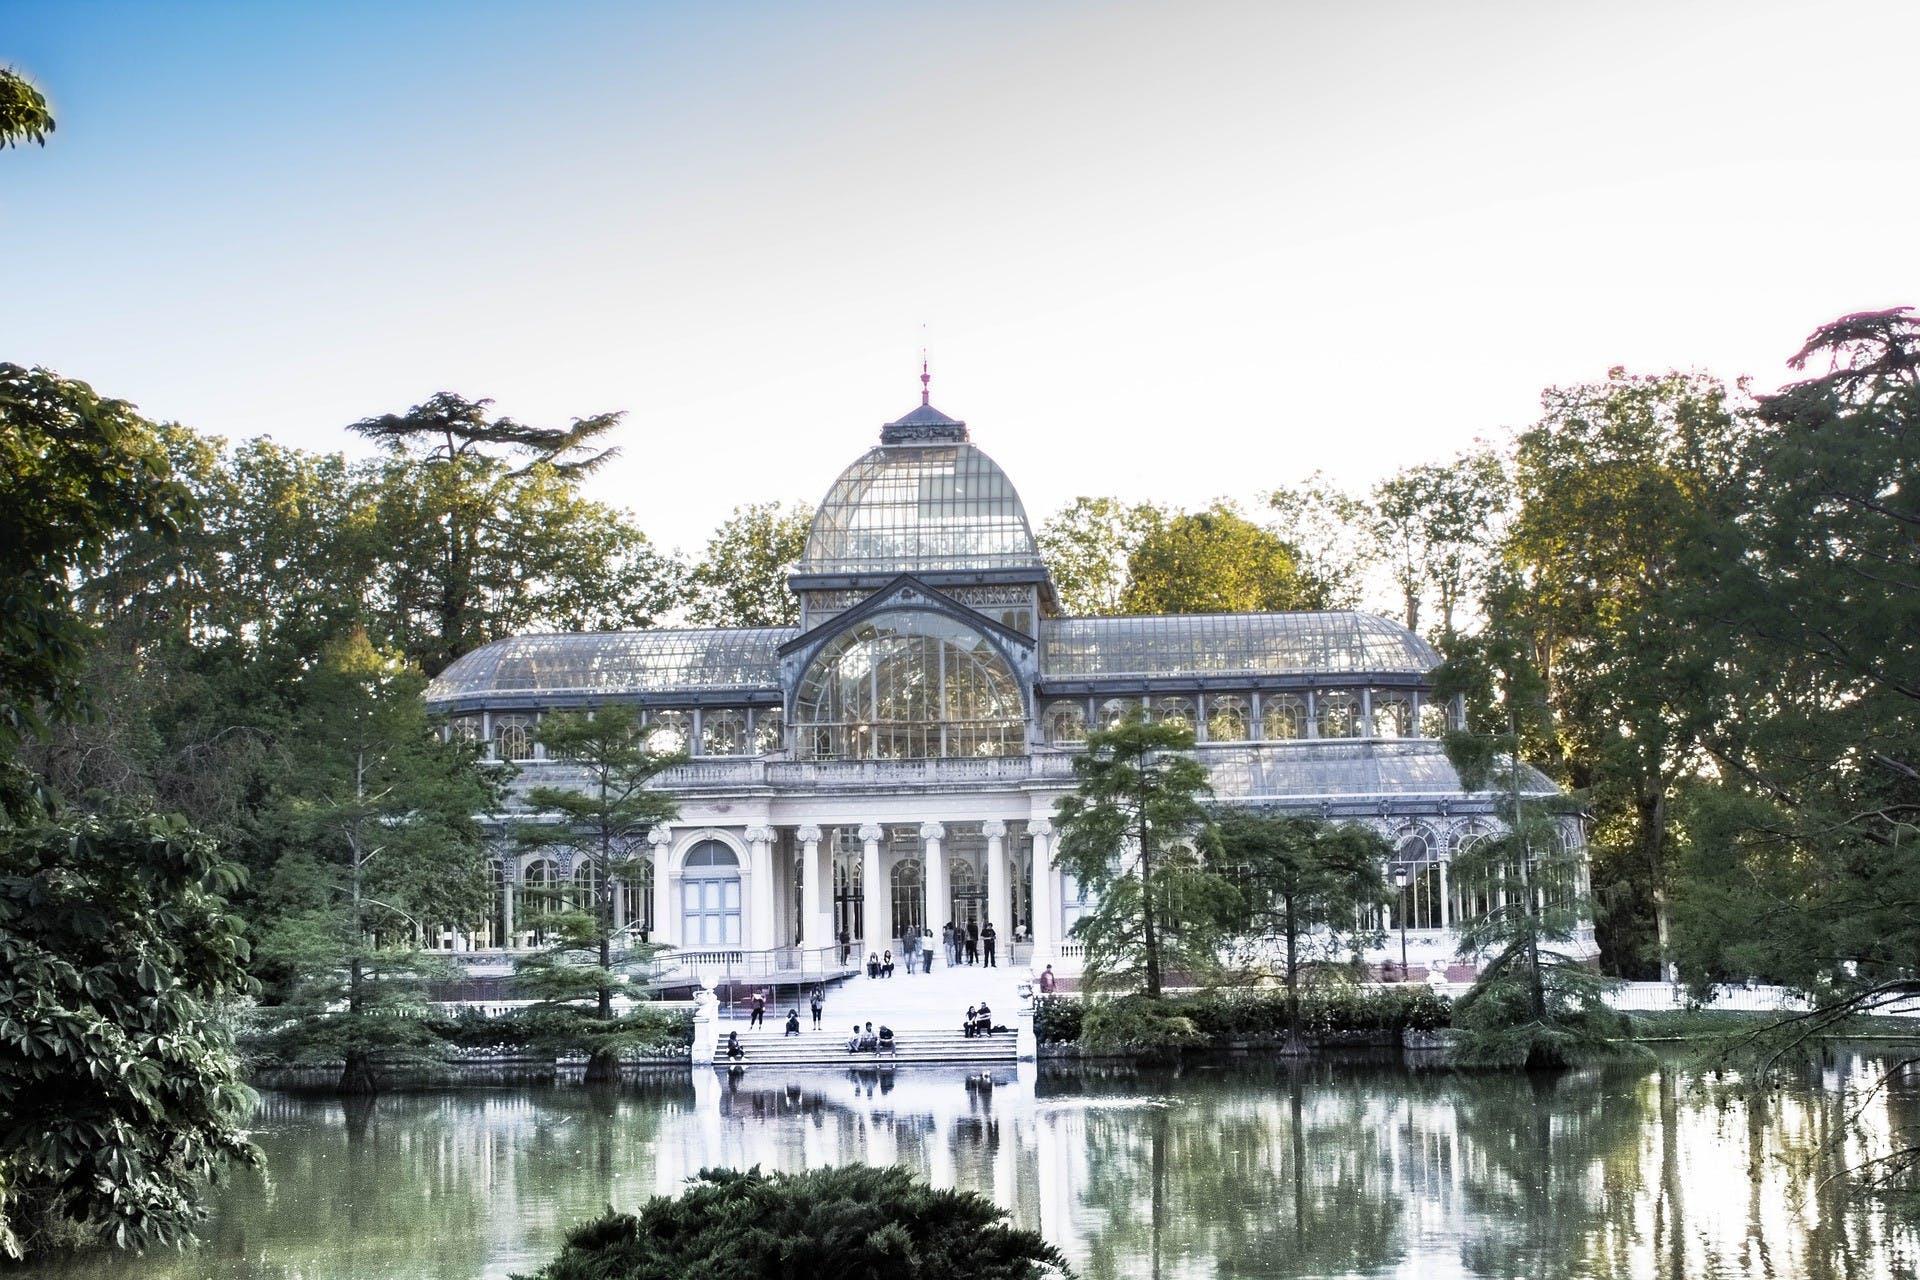 Palacio Real de Madrid y el parque del Retiro guiaron tour-2